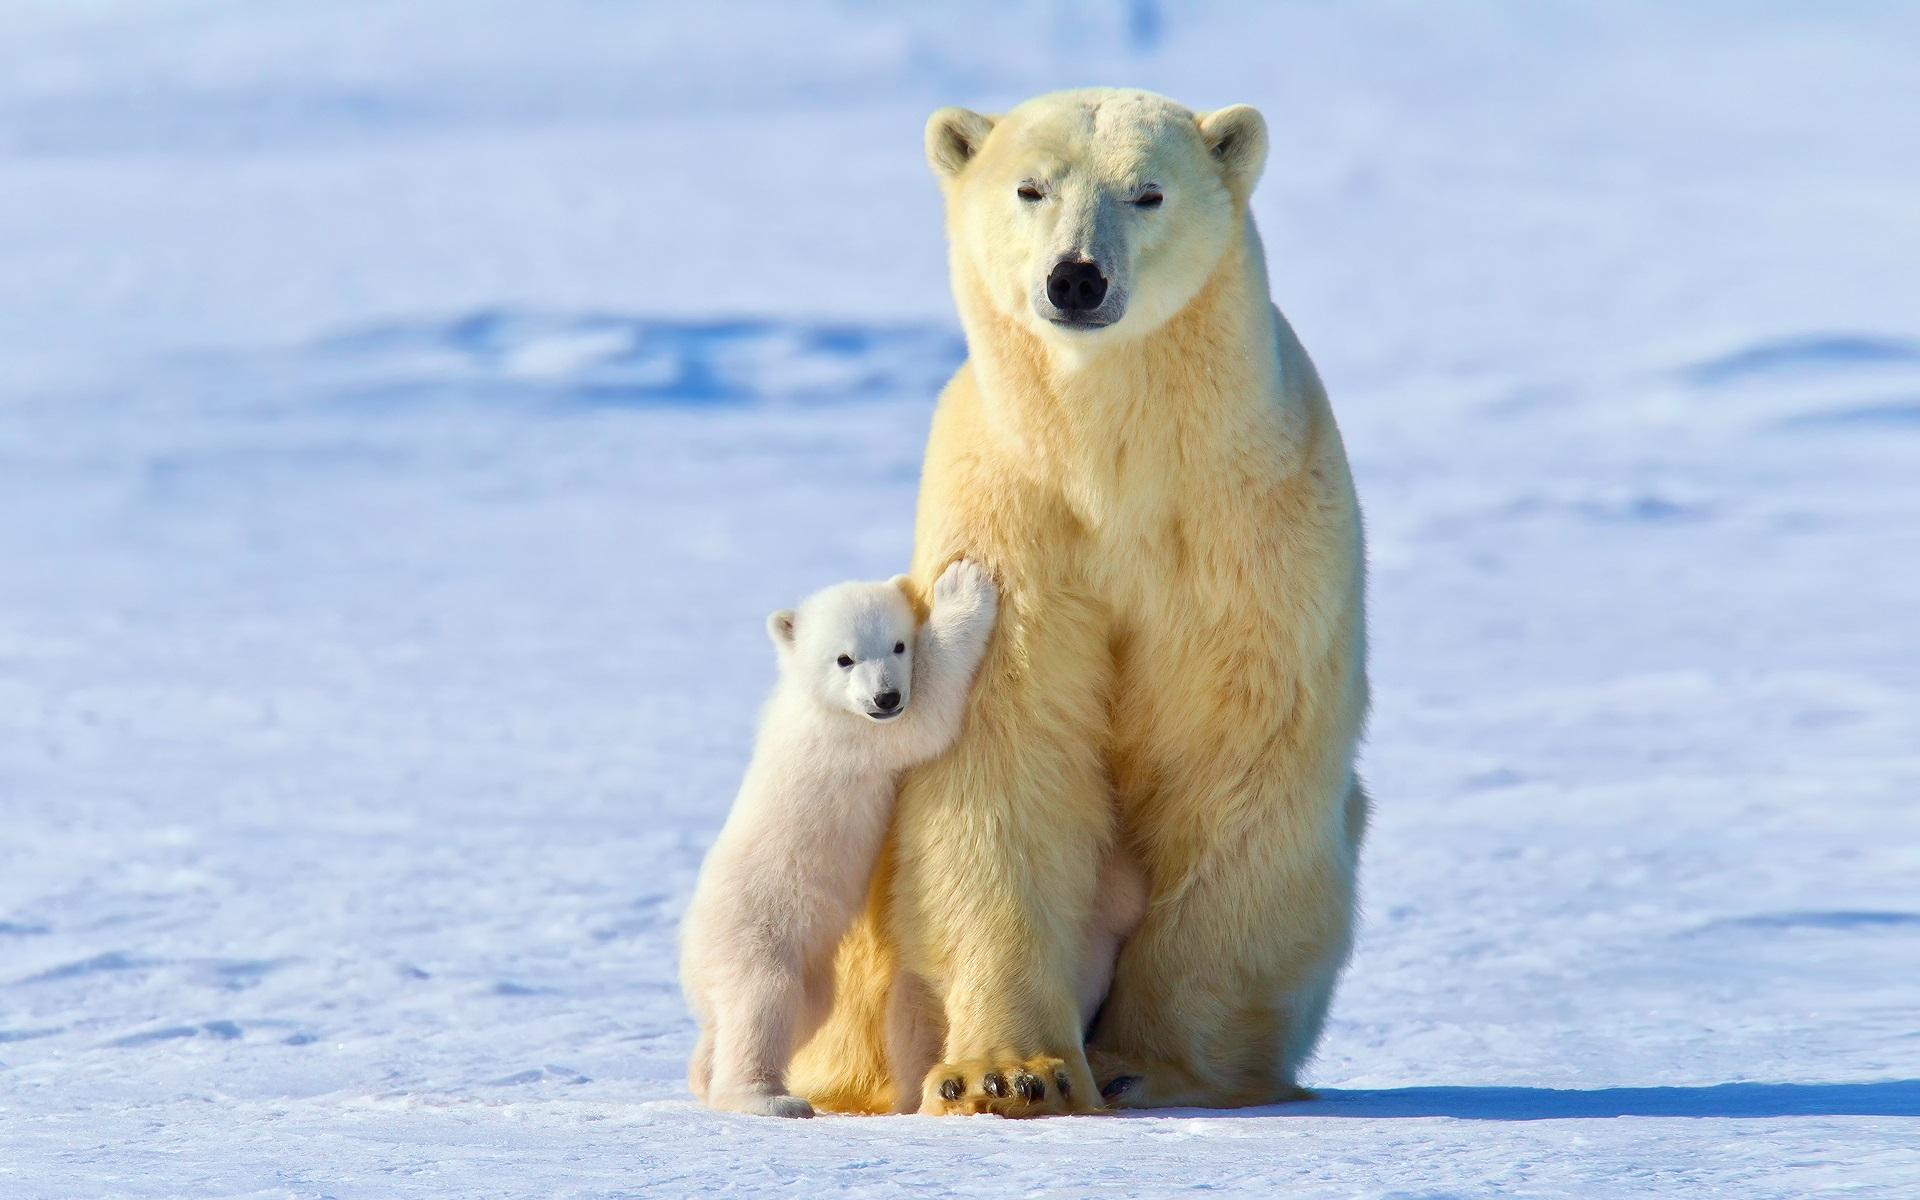 фото белой медведицы с медвежонком при производстве